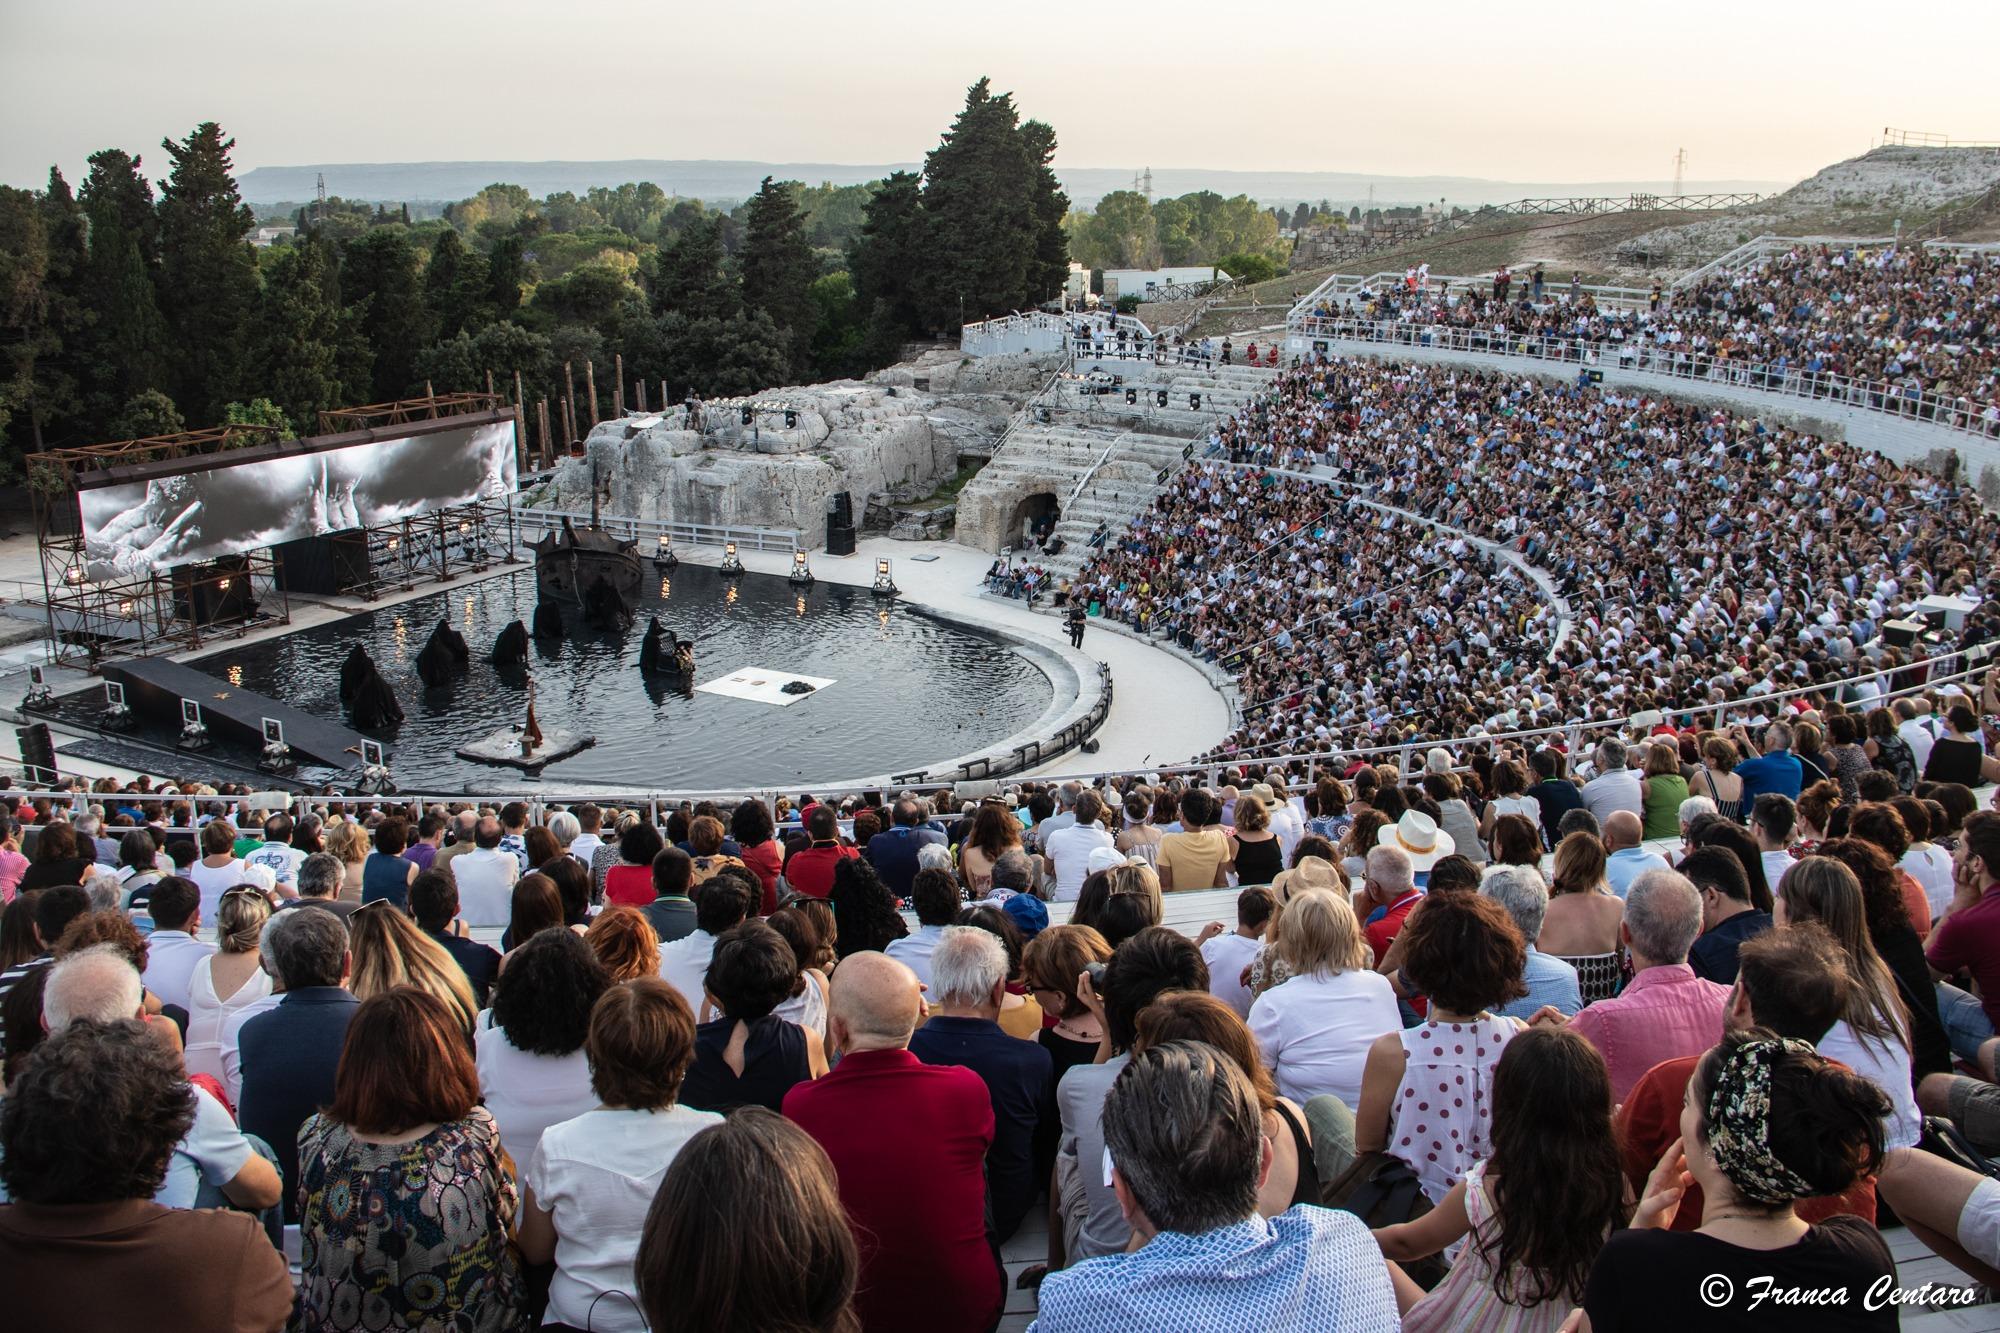 teatrogrecopieno2019ph-1603186139.jpg